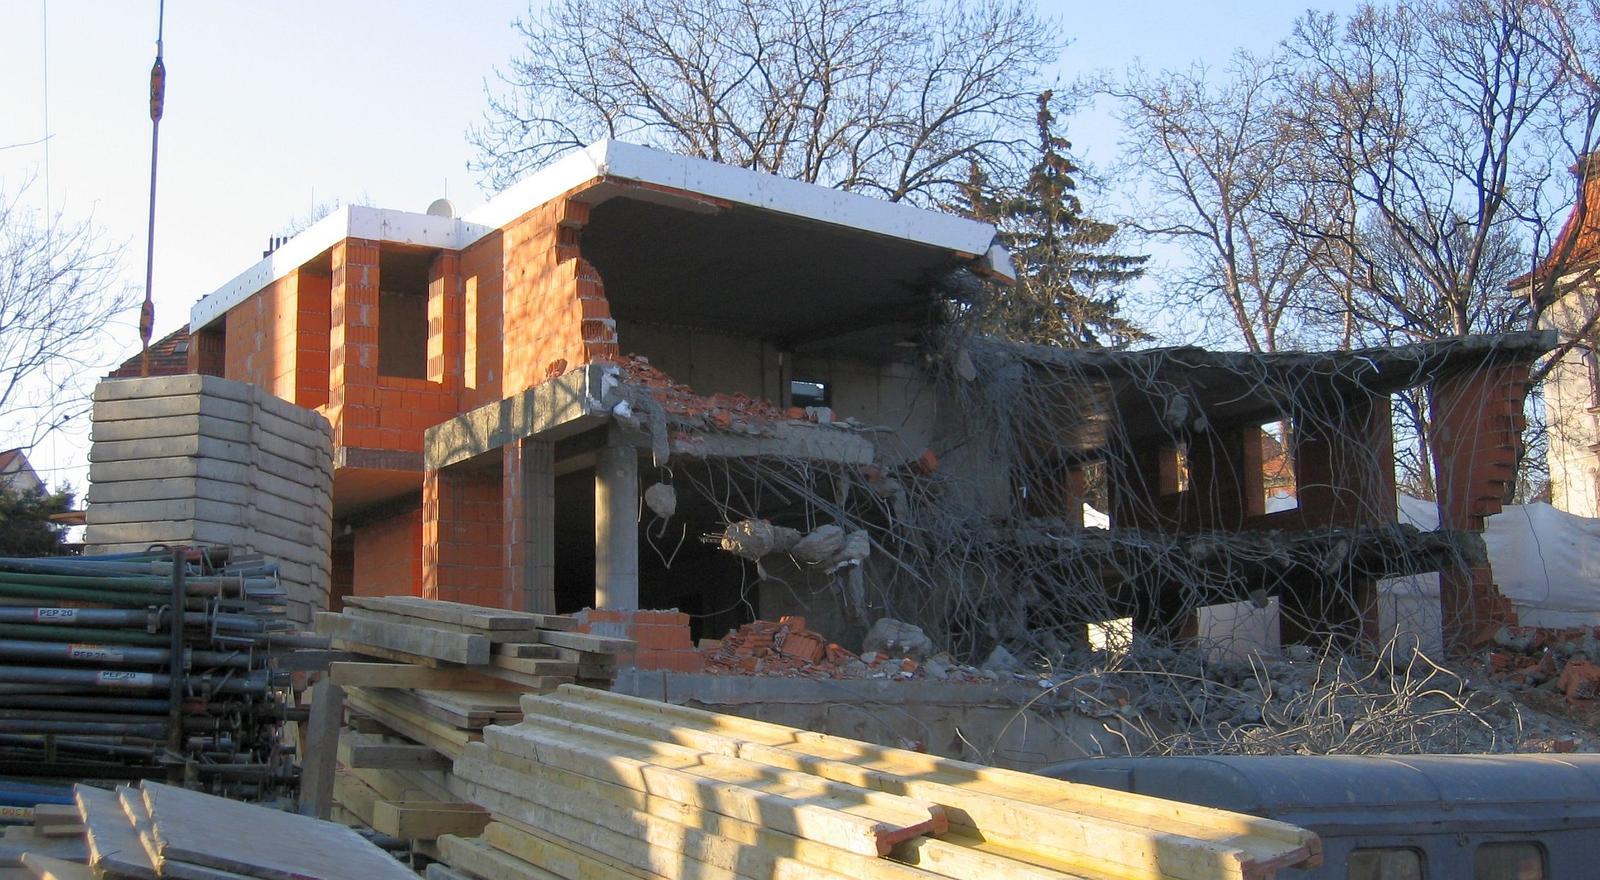 Odstranění nevhodně založené stavby... - Obrázek č. 1